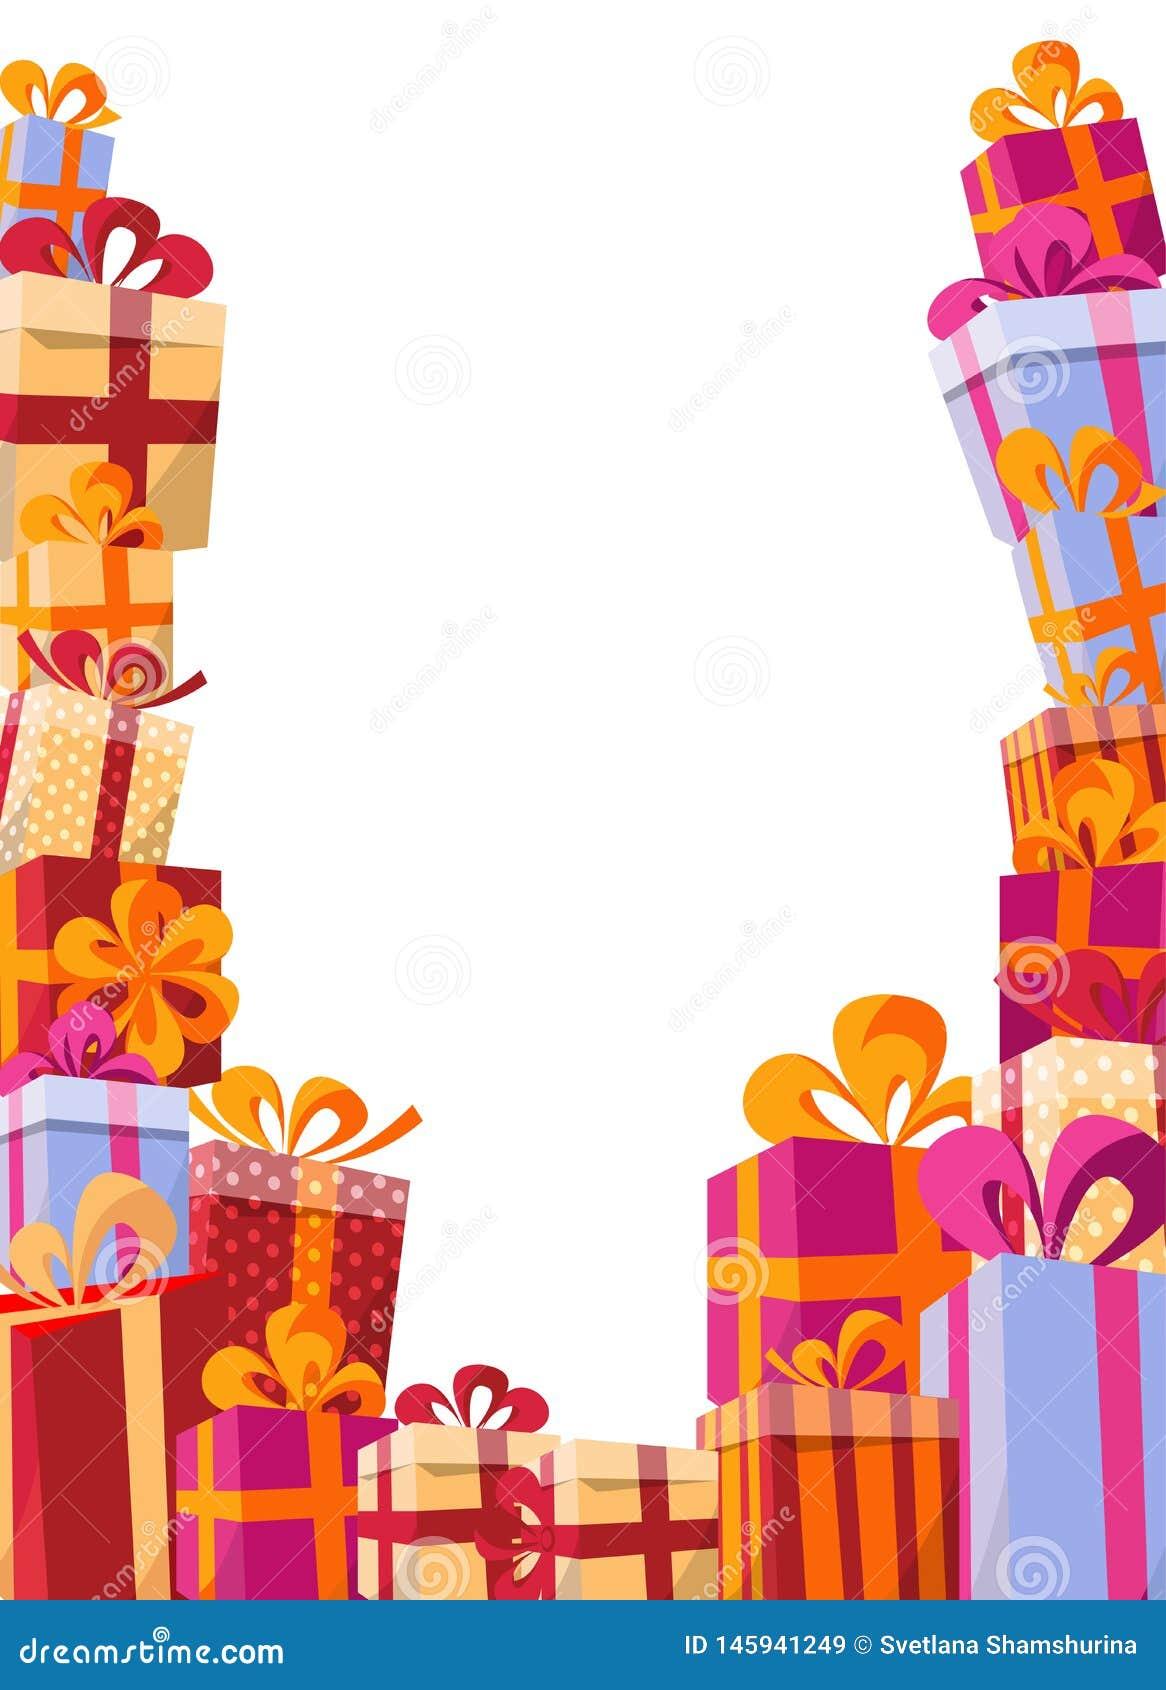 Flache Illustration des Volumenart-Hintergrundes - Berg von Geschenken in den hellen Kästen mit Bändern und verschiedenen Beschaf